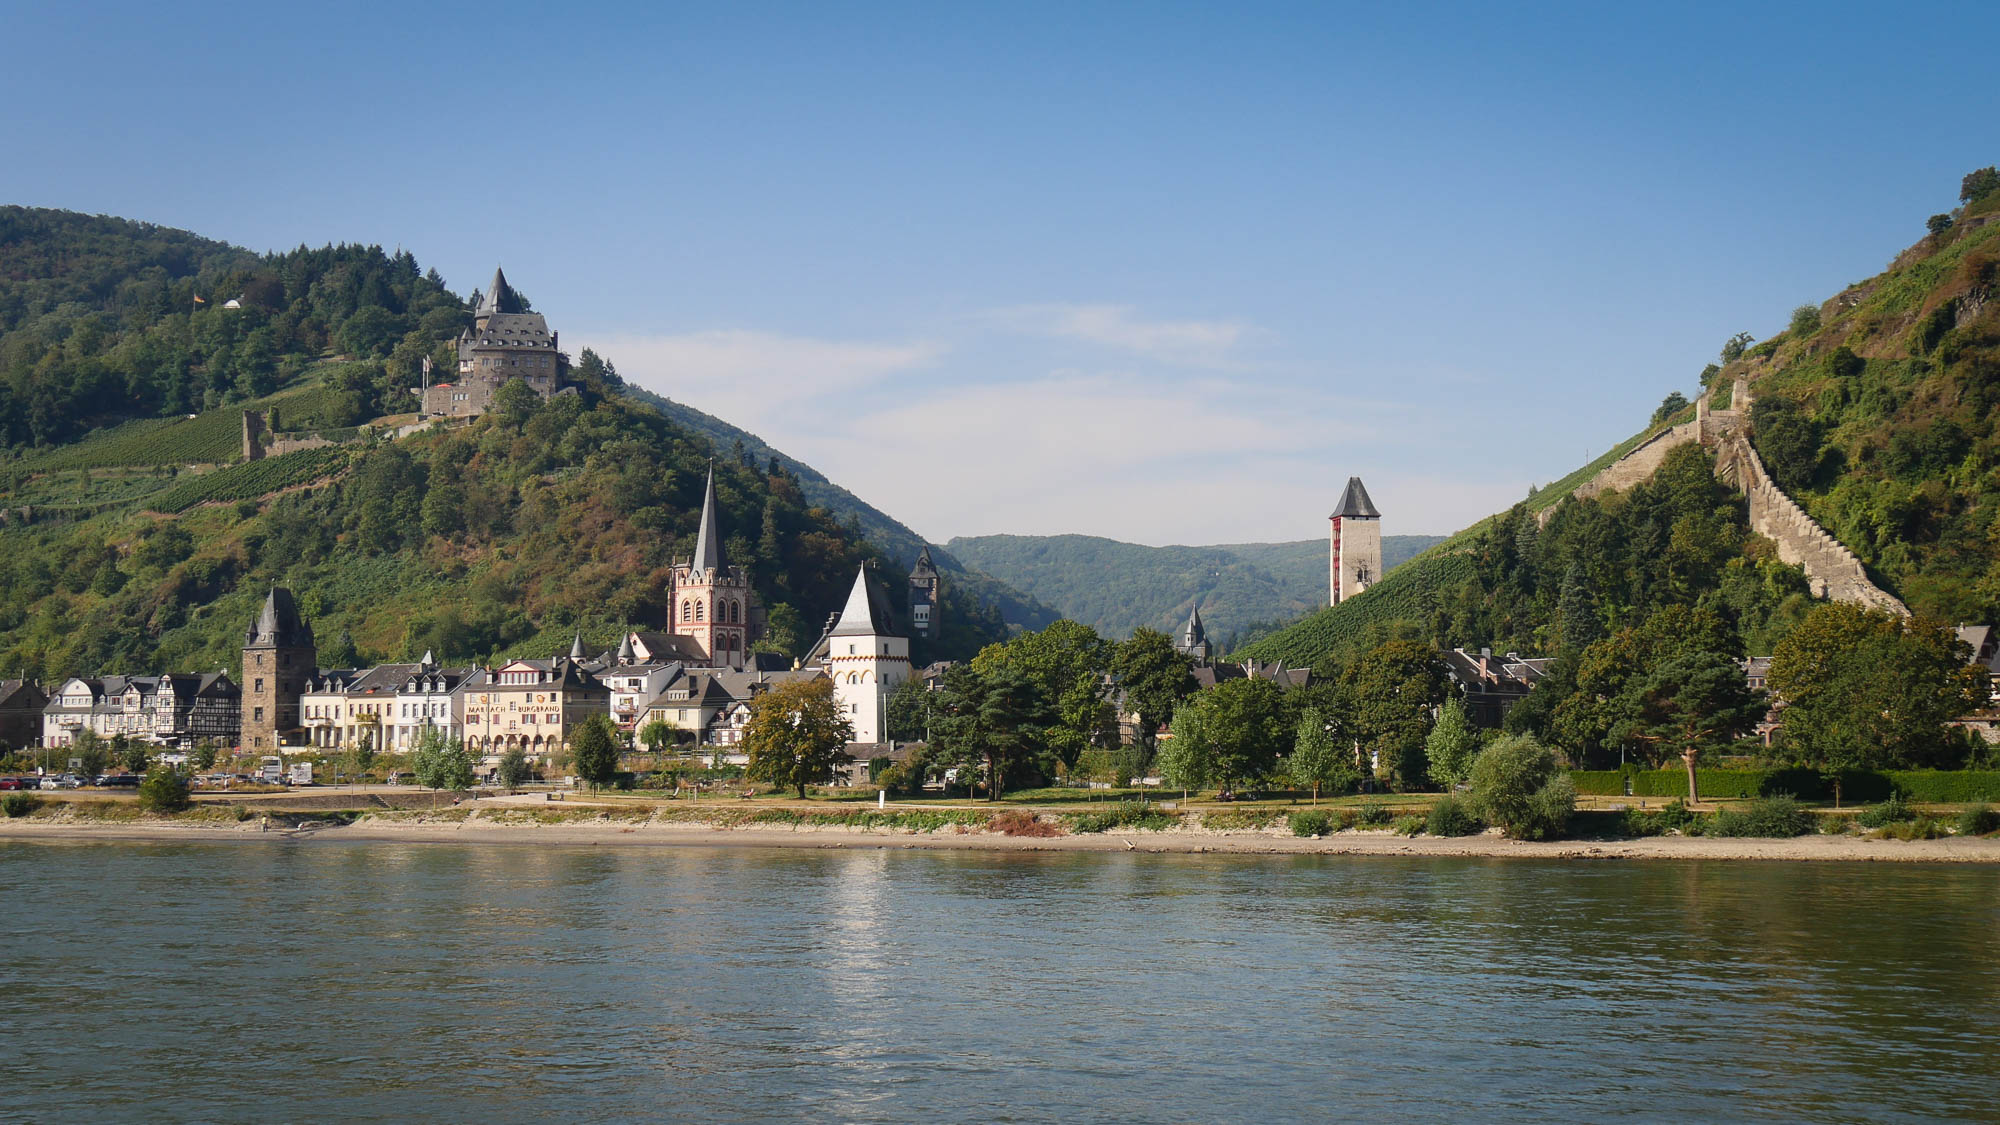 Ama River Cruises >> 2018 Price Comparisons: Rhine River Cruise Prices - River Cruise Advisor